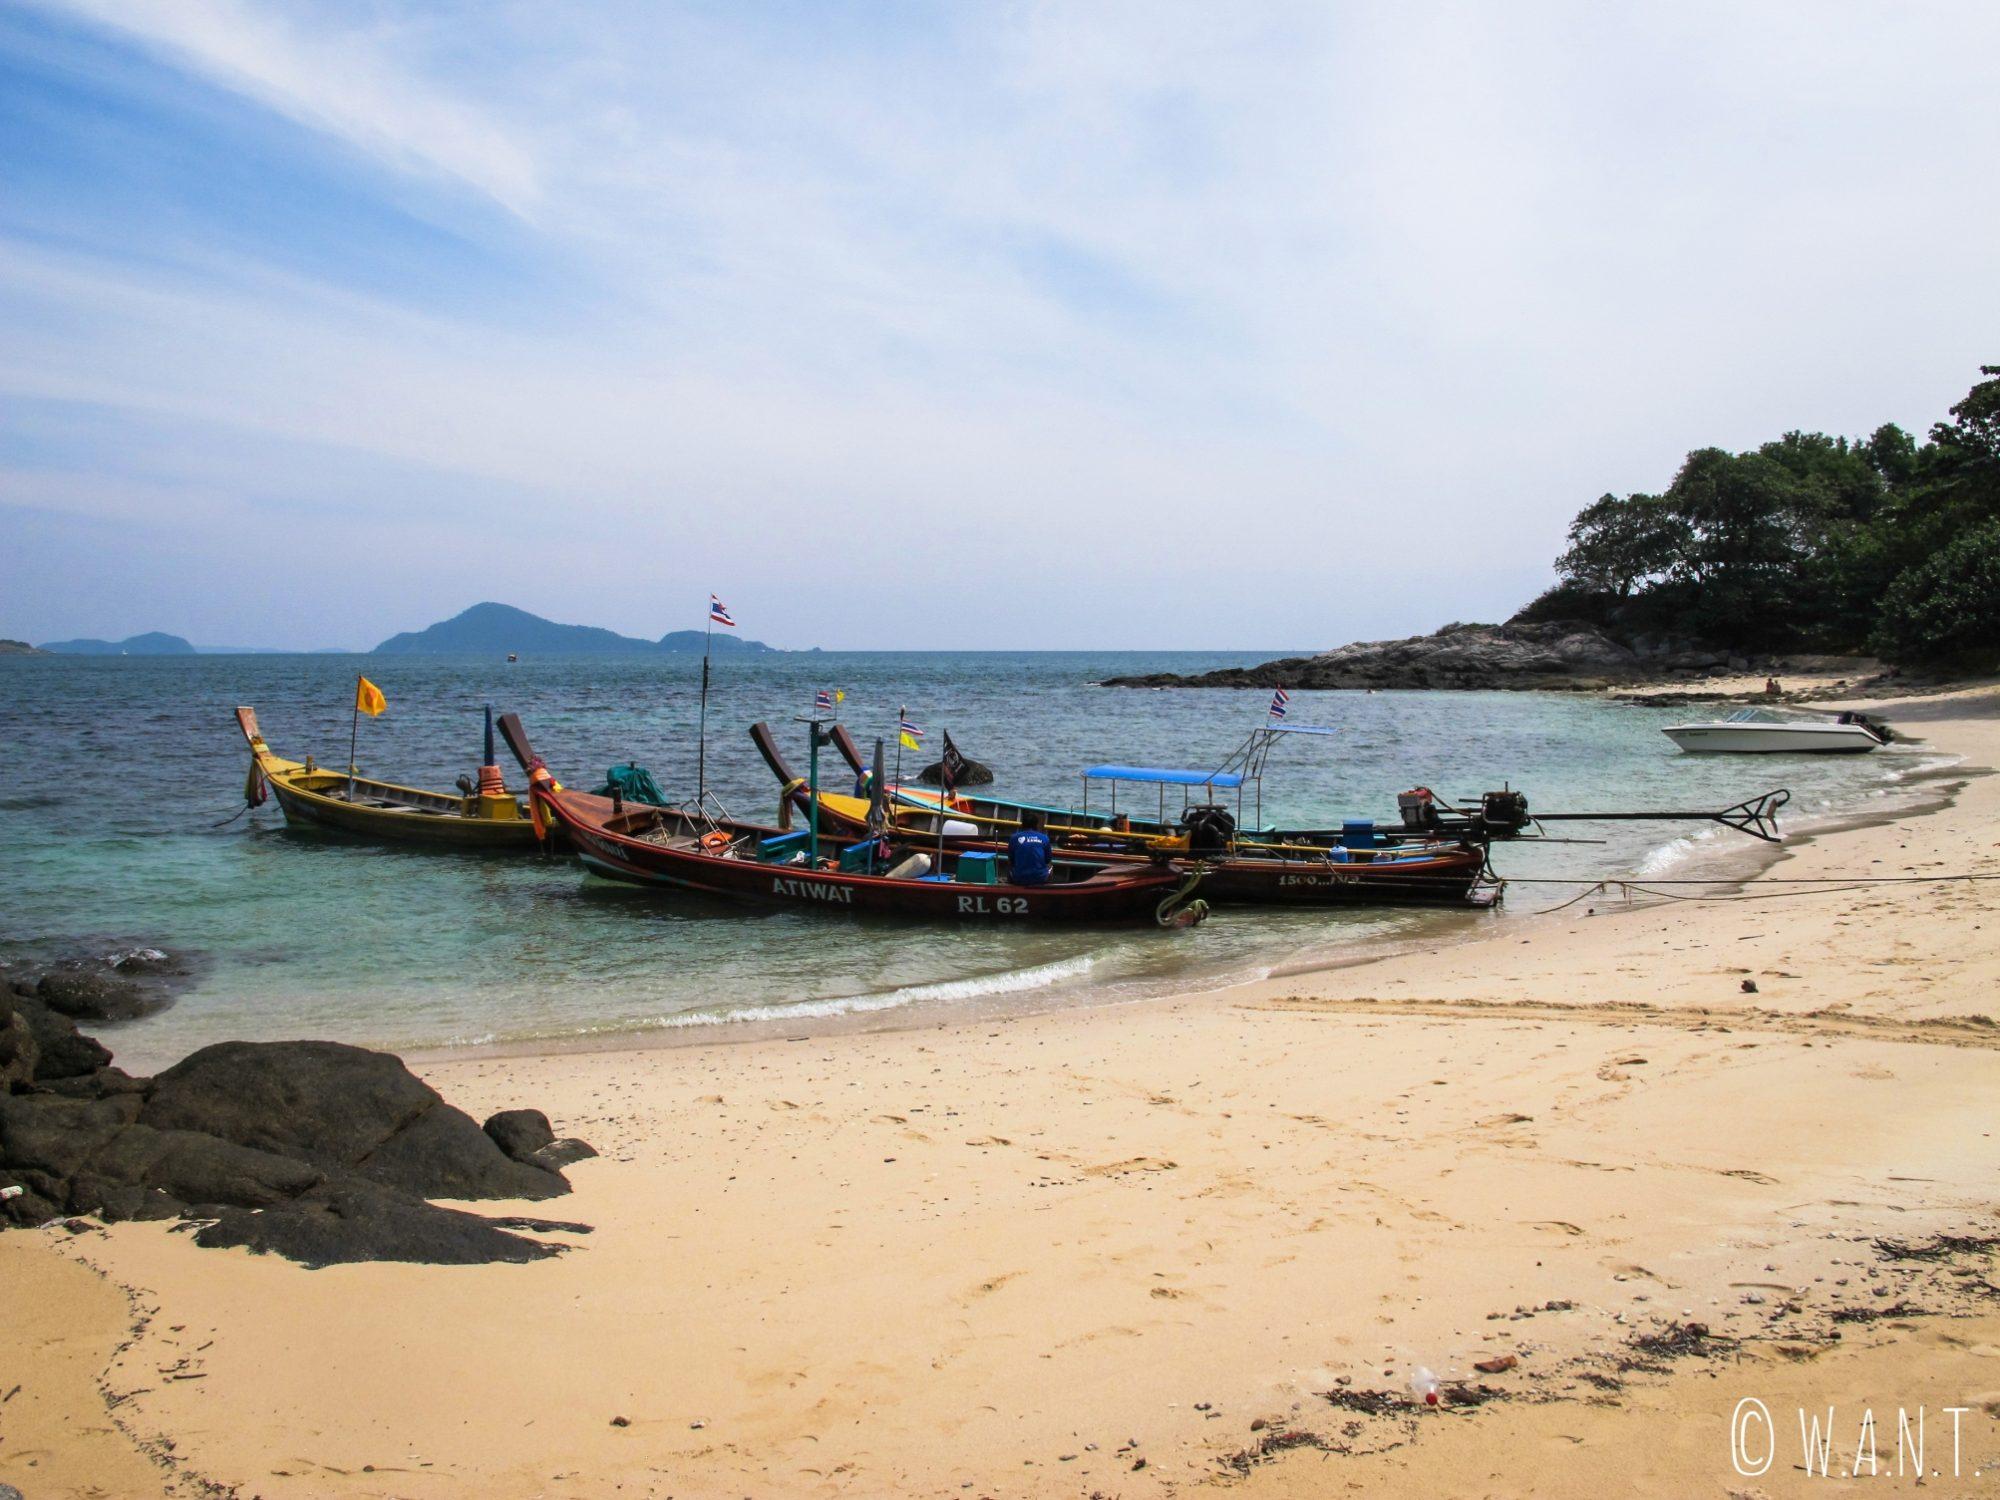 Plage de Bouddha Island près de Phuket